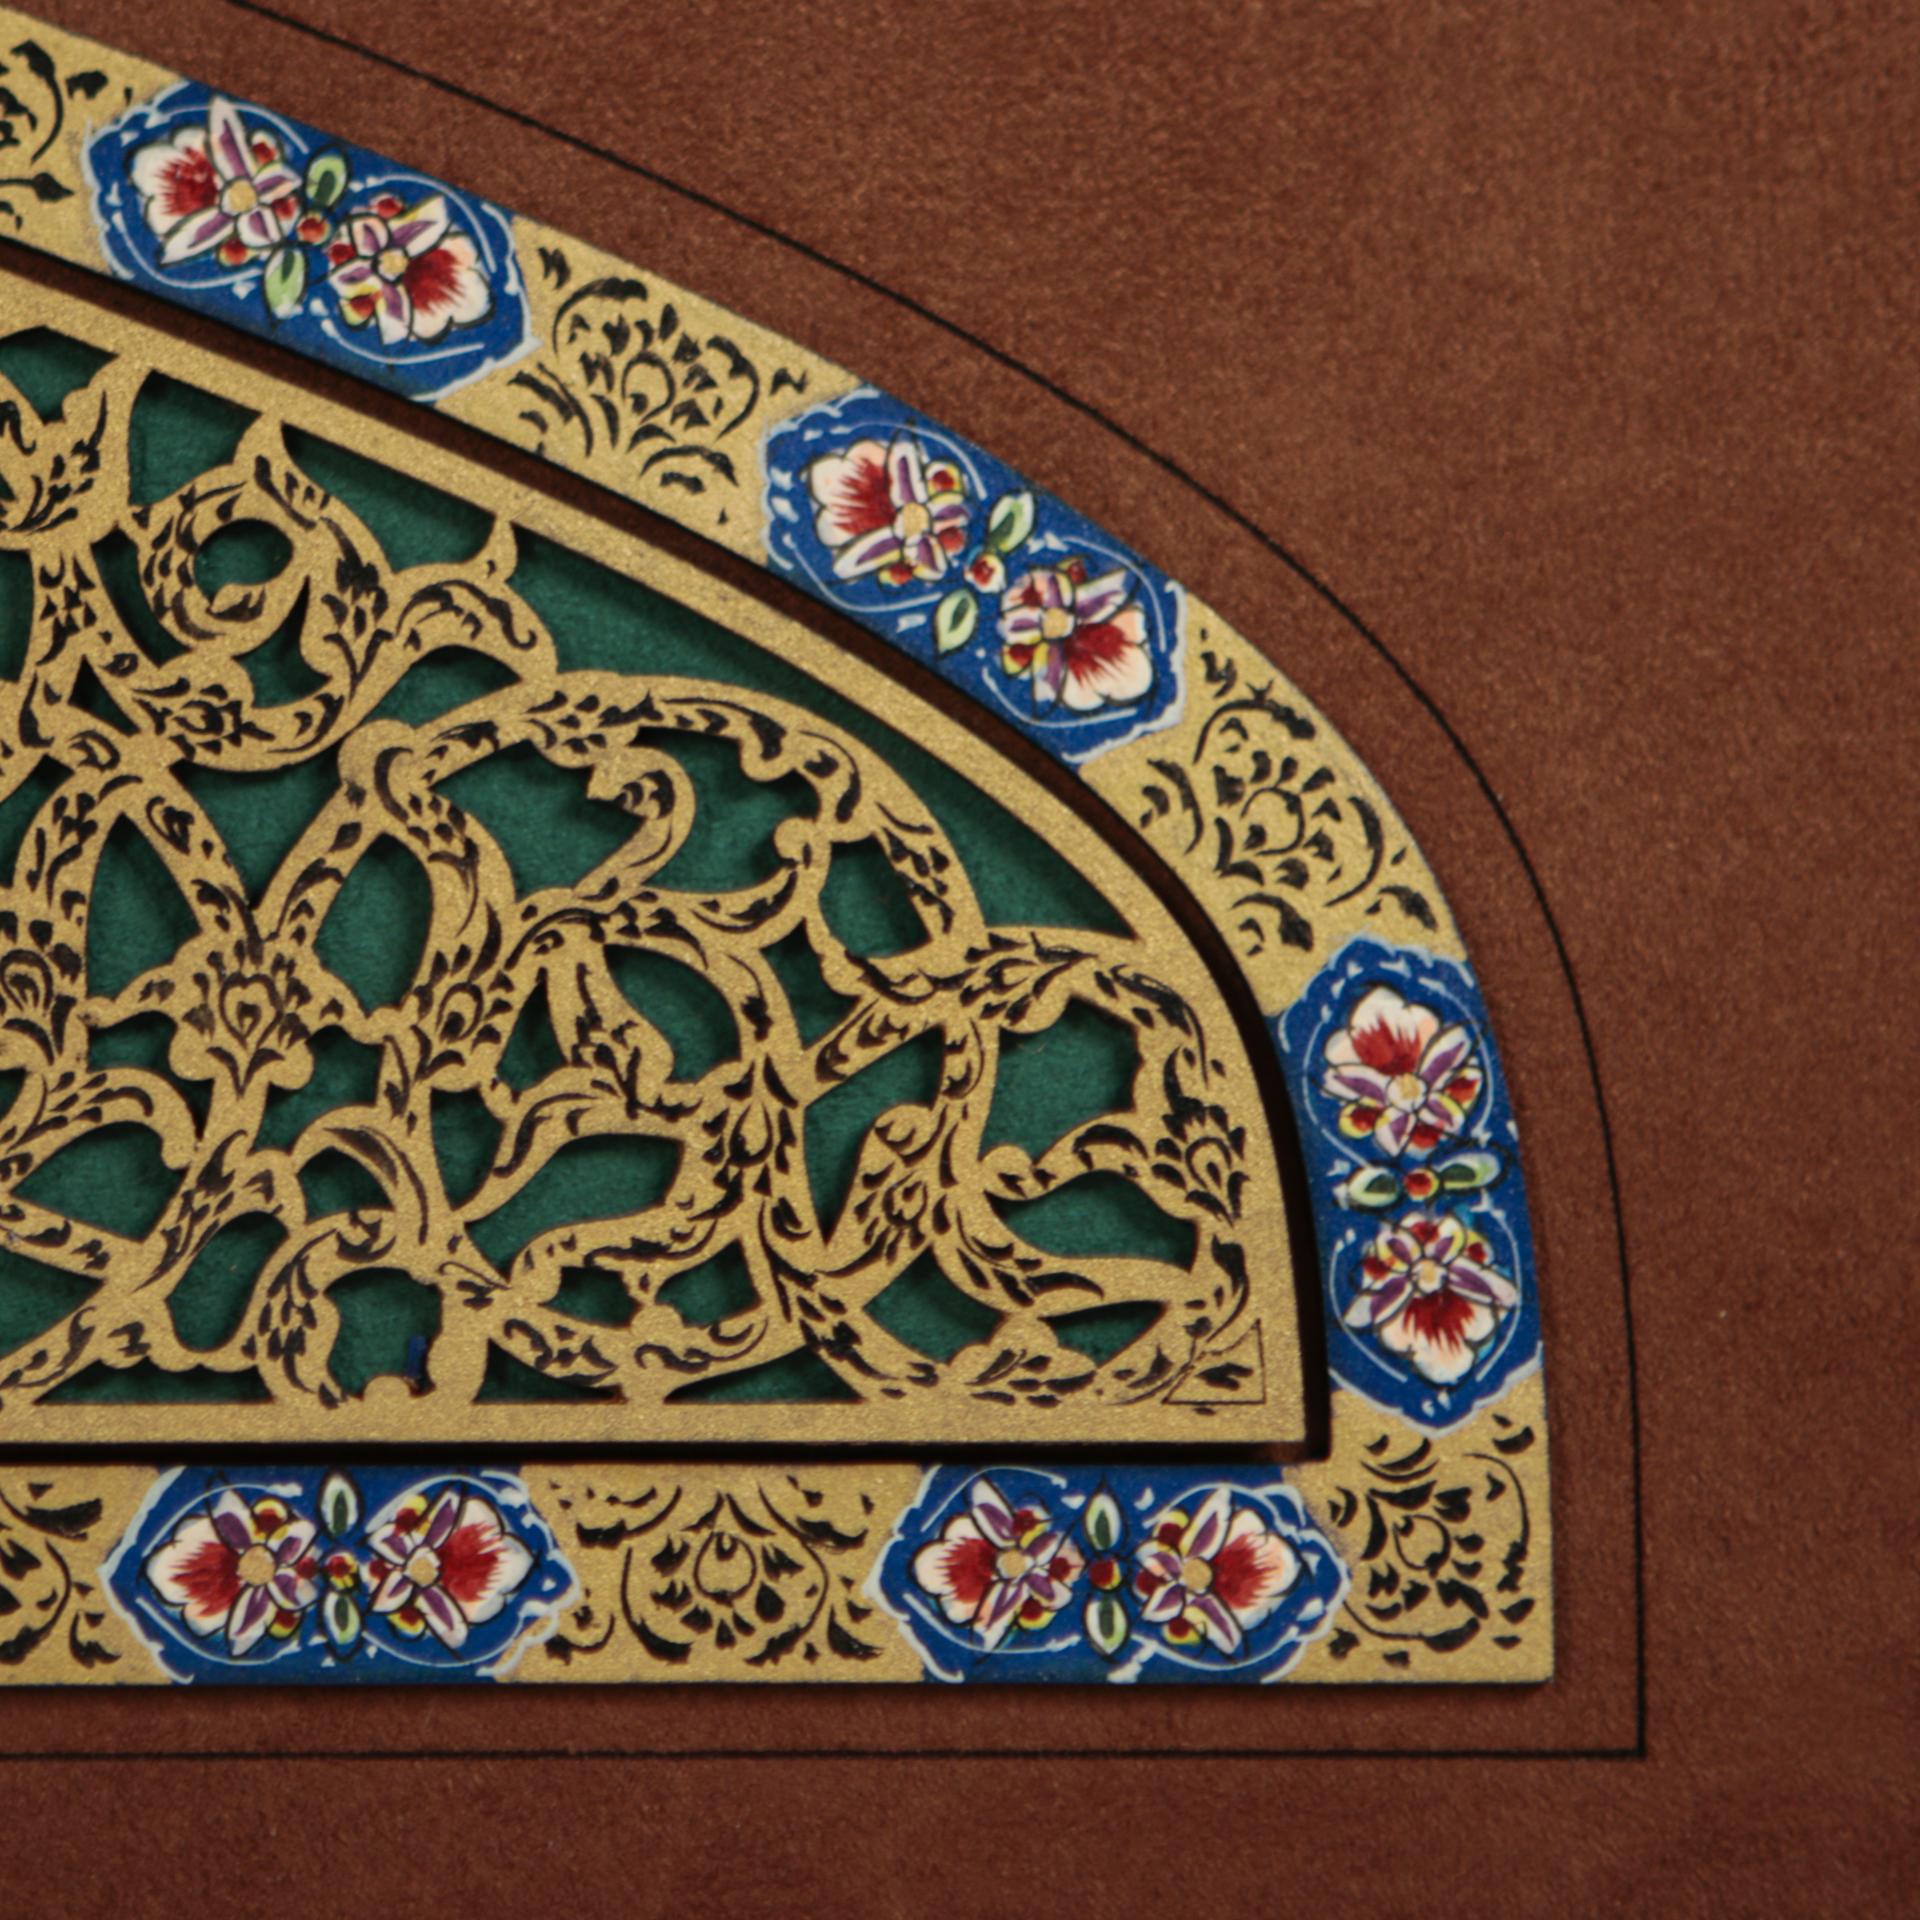 تصویر از قاب اجابت ۳ (علی بن موسی الرضا)